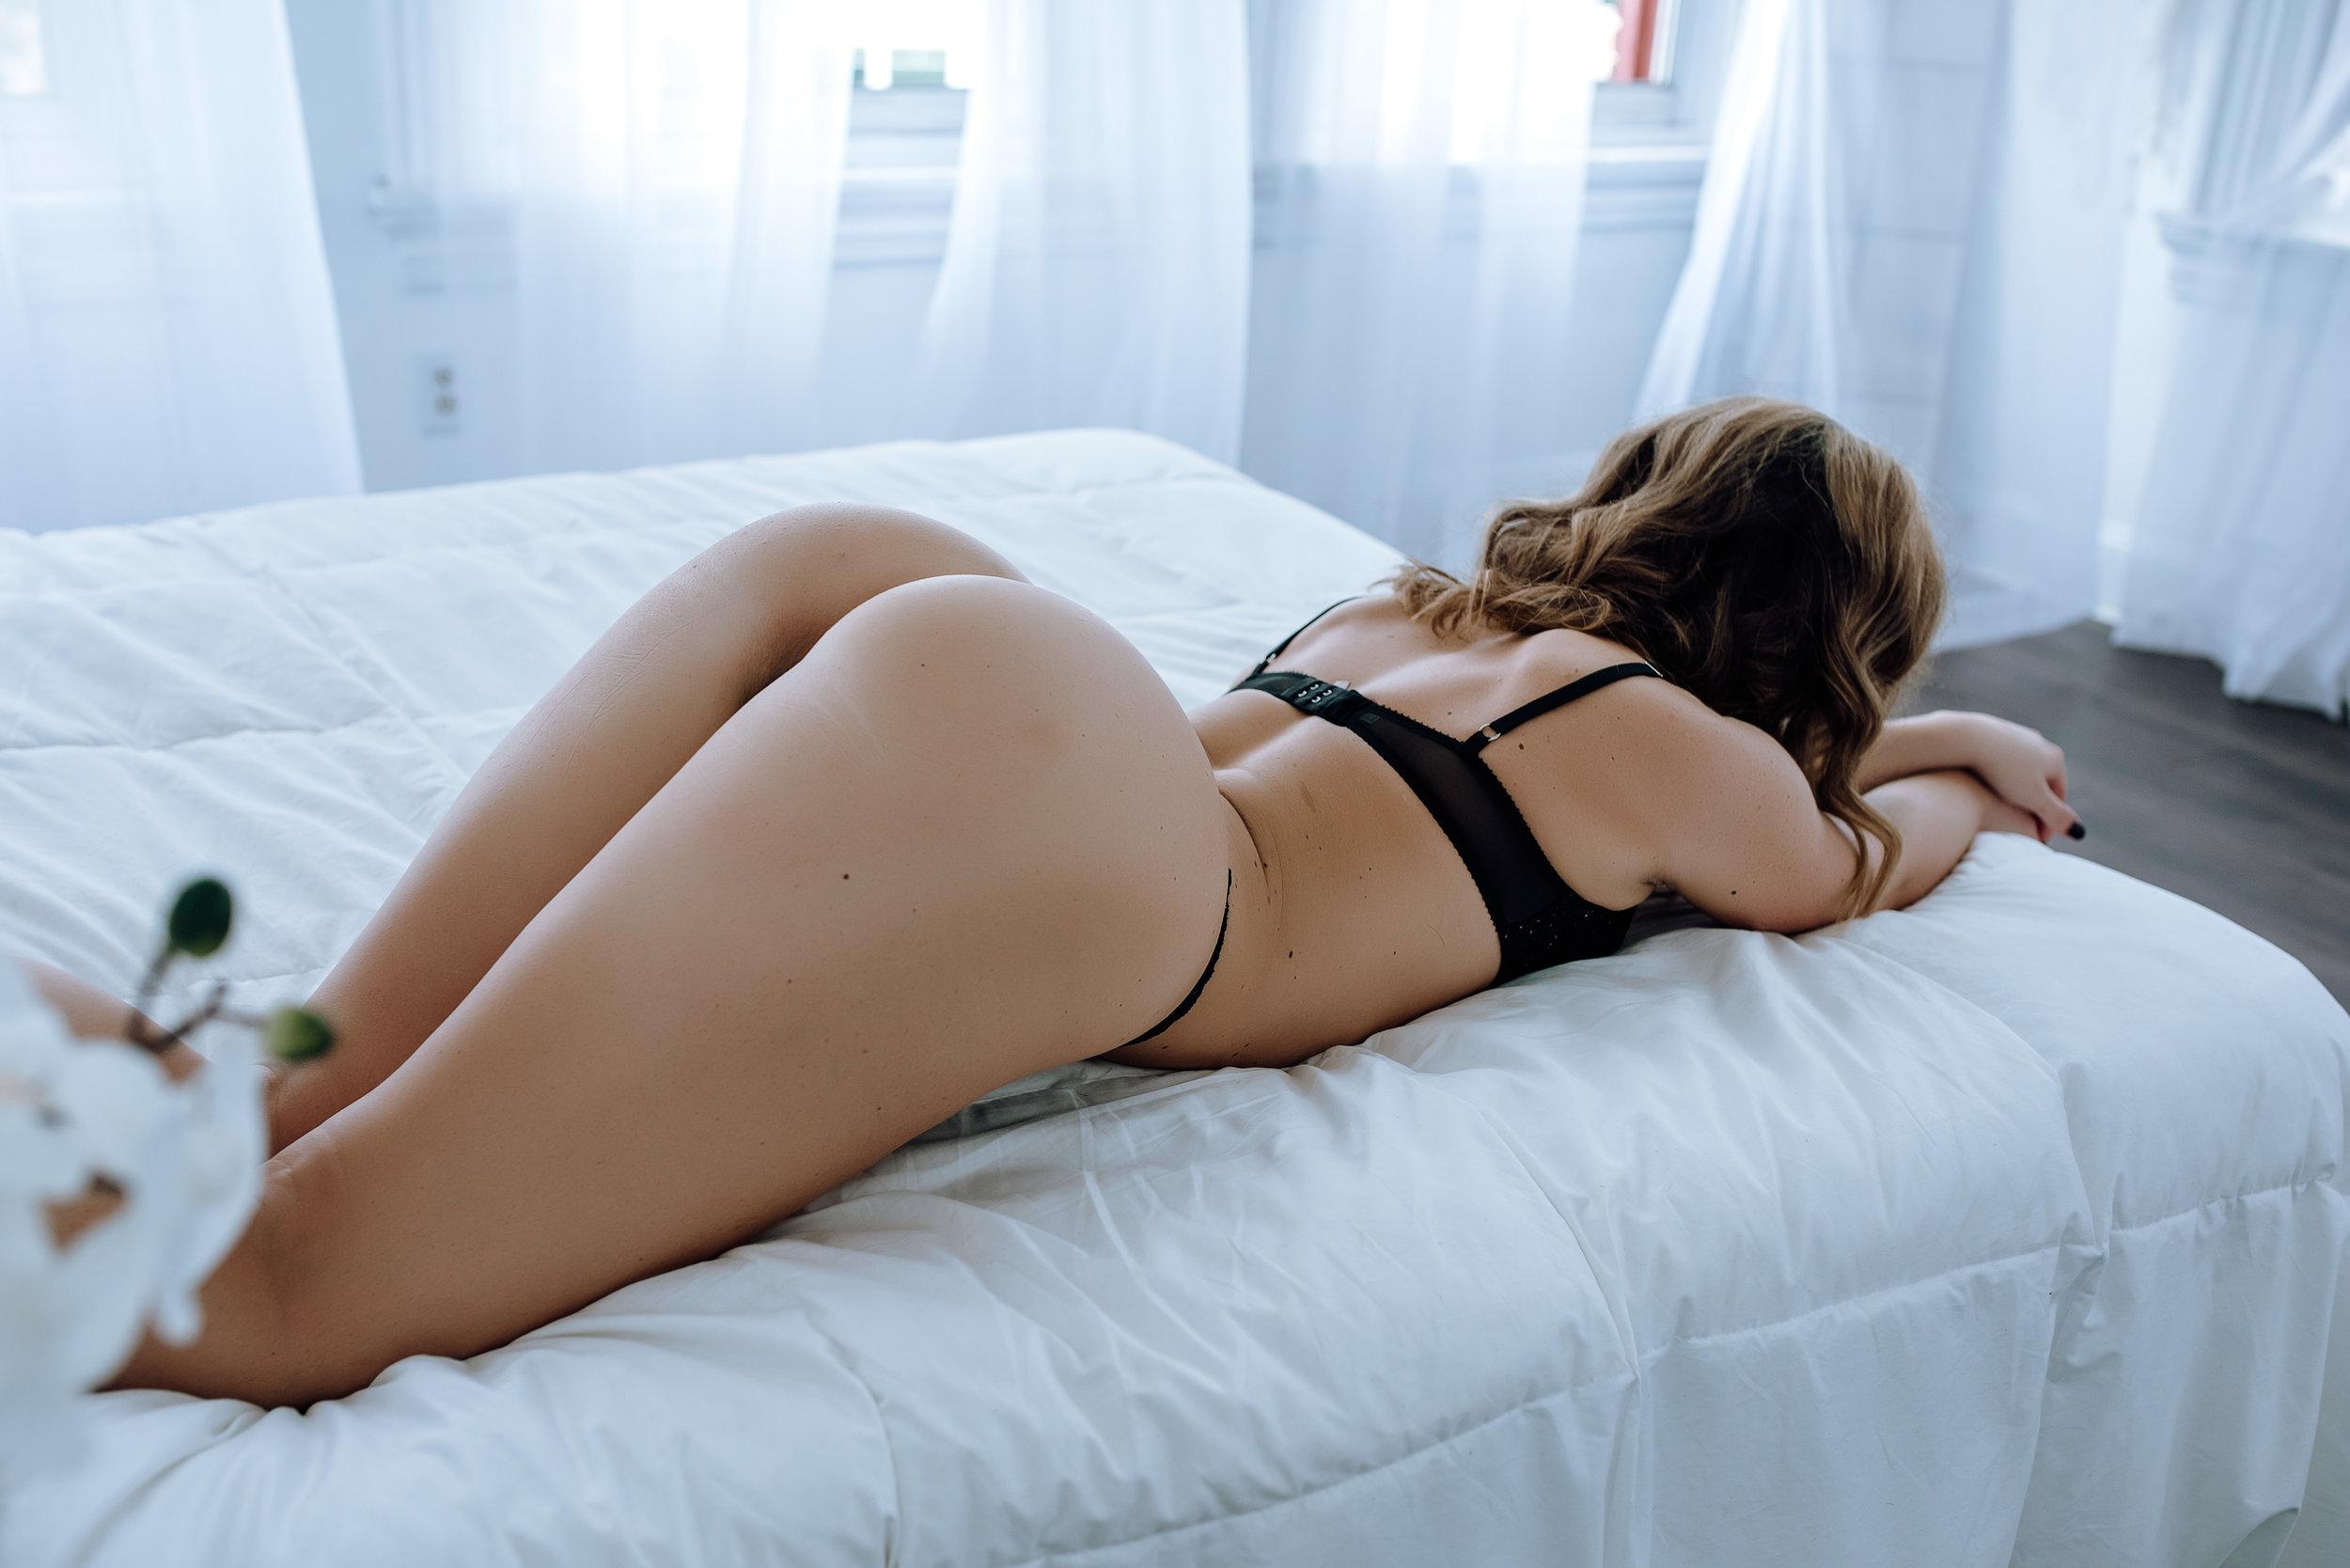 intimate-boudoir-photography-6.jpg